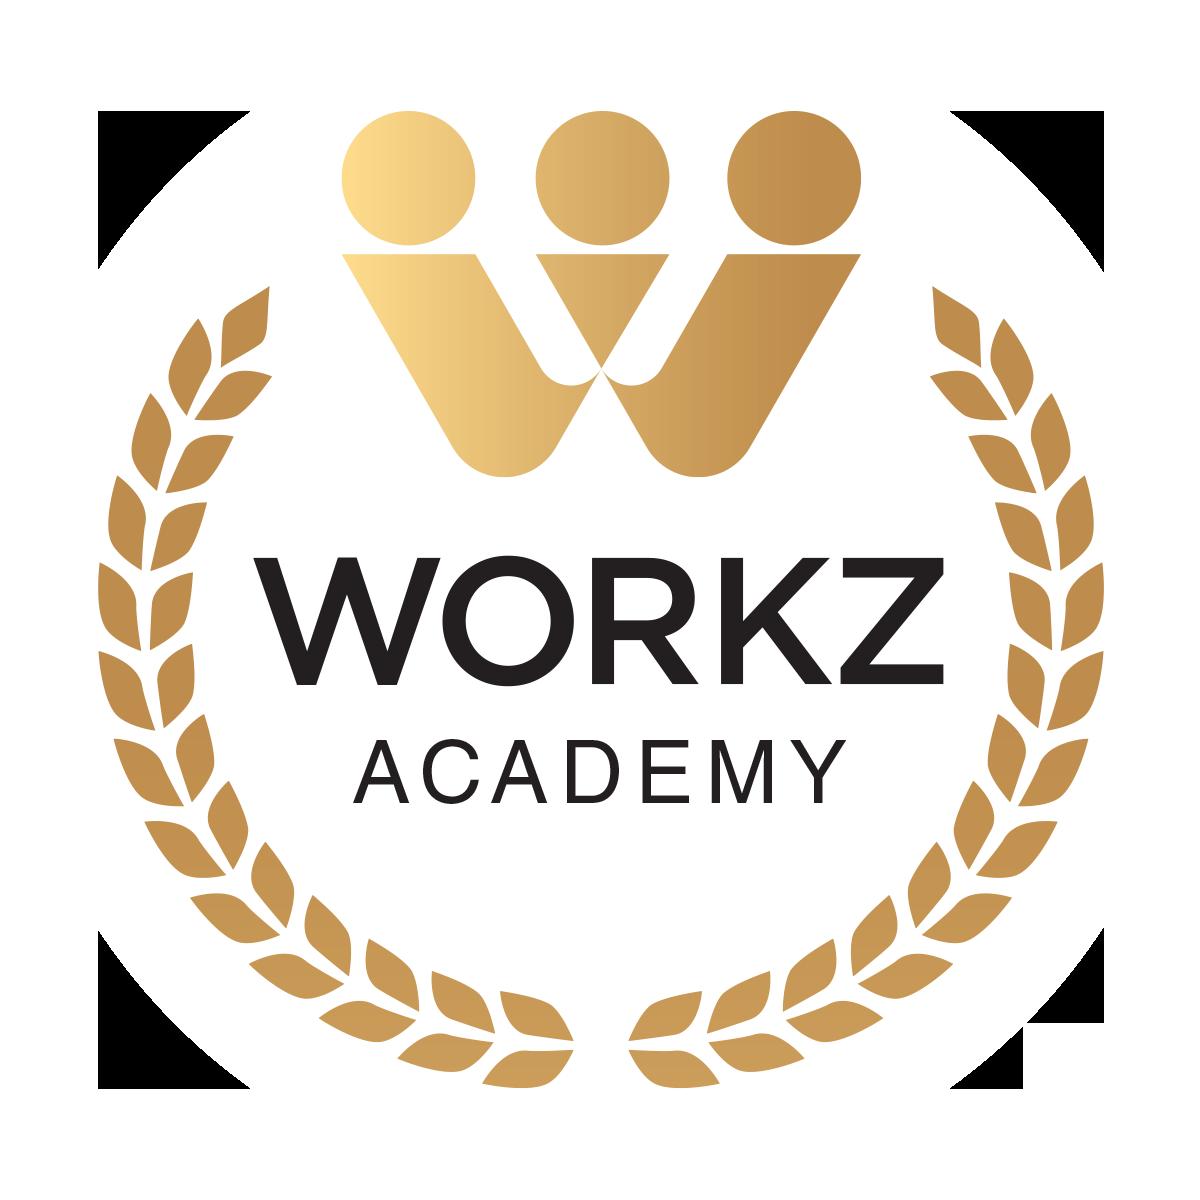 workz-education-white-background